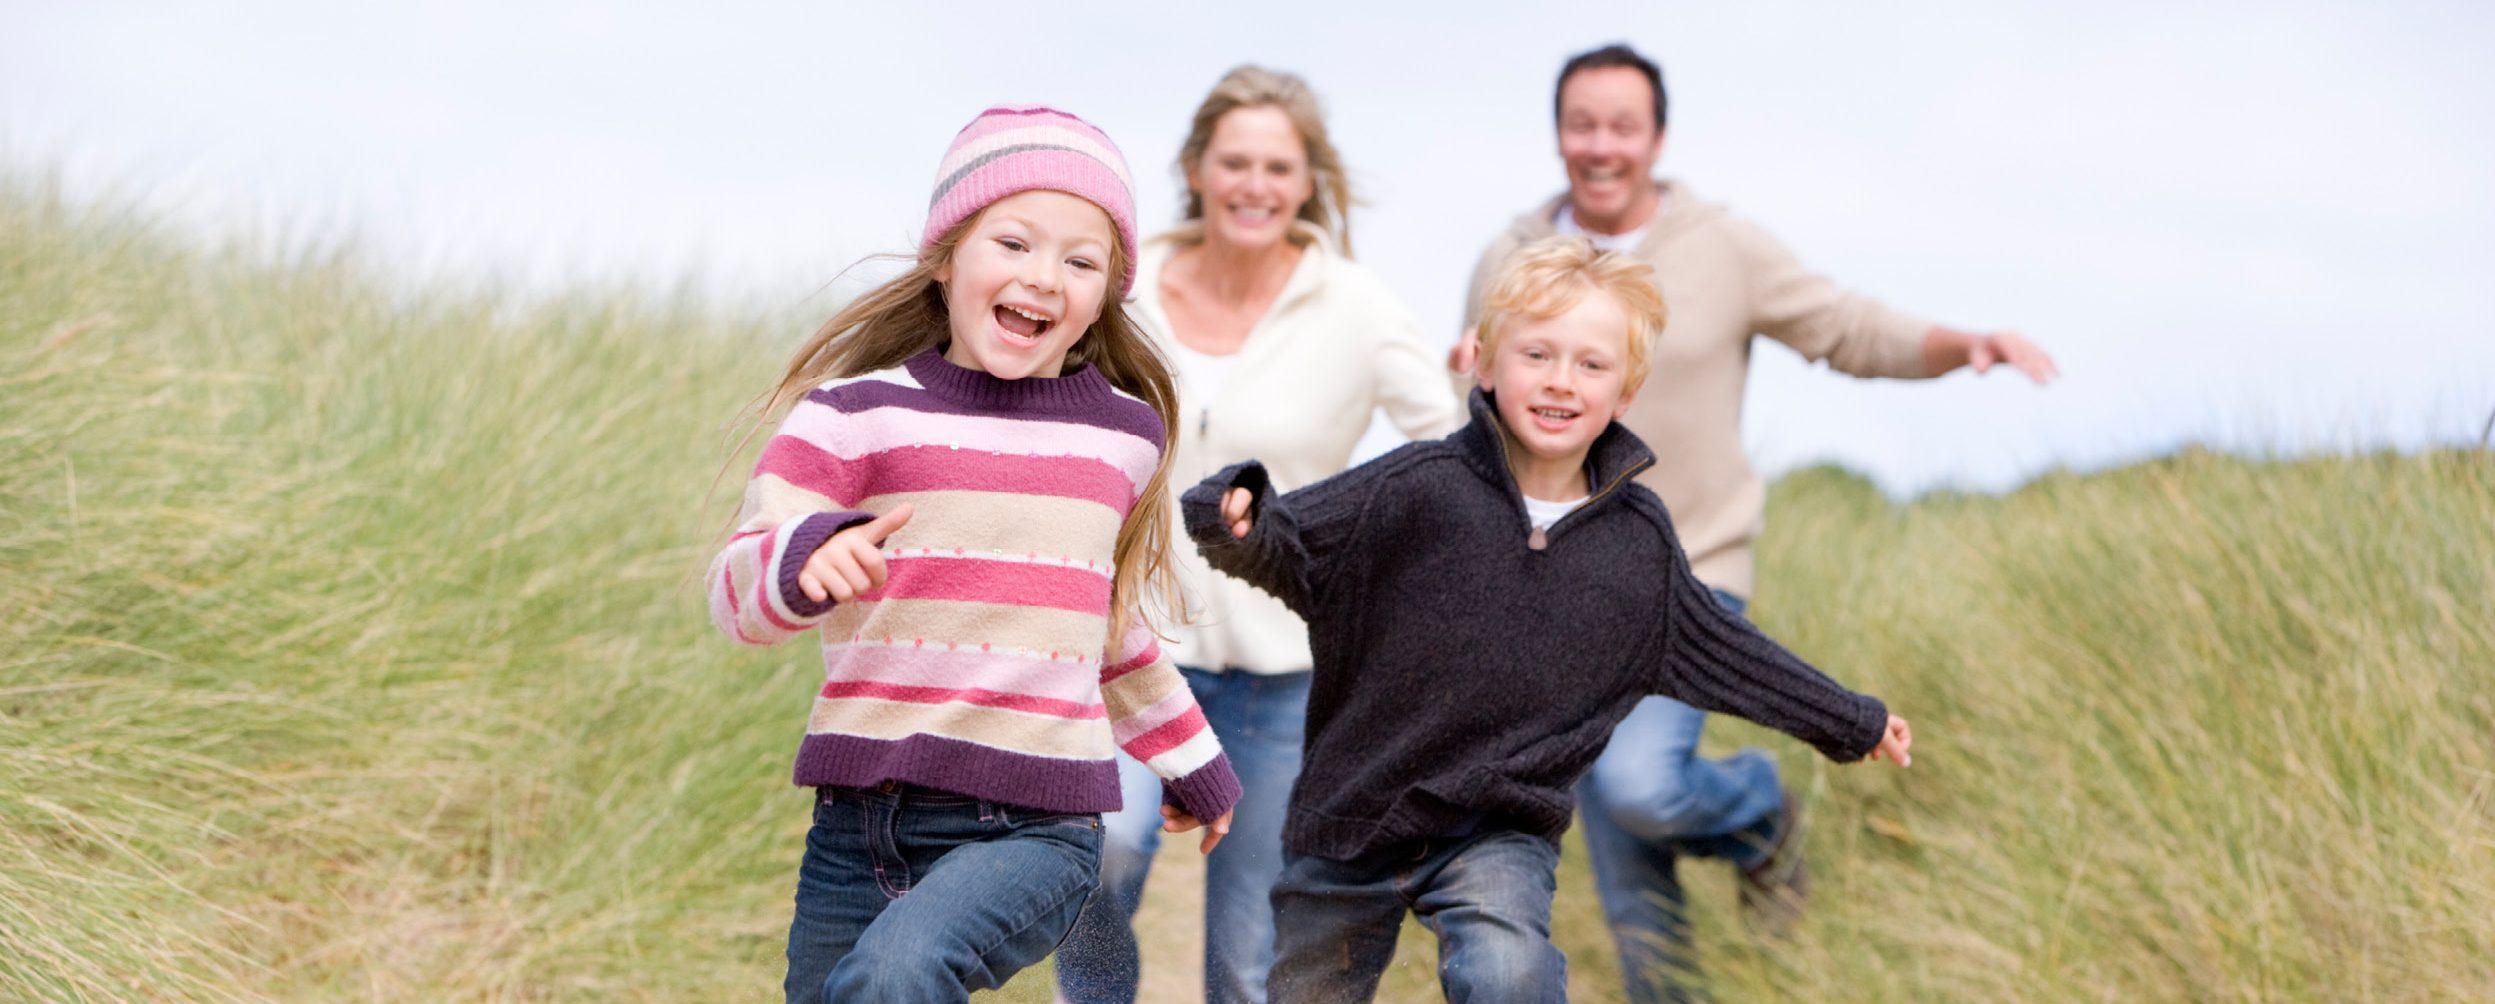 Kinder mit Eltern_Foto: colourbox